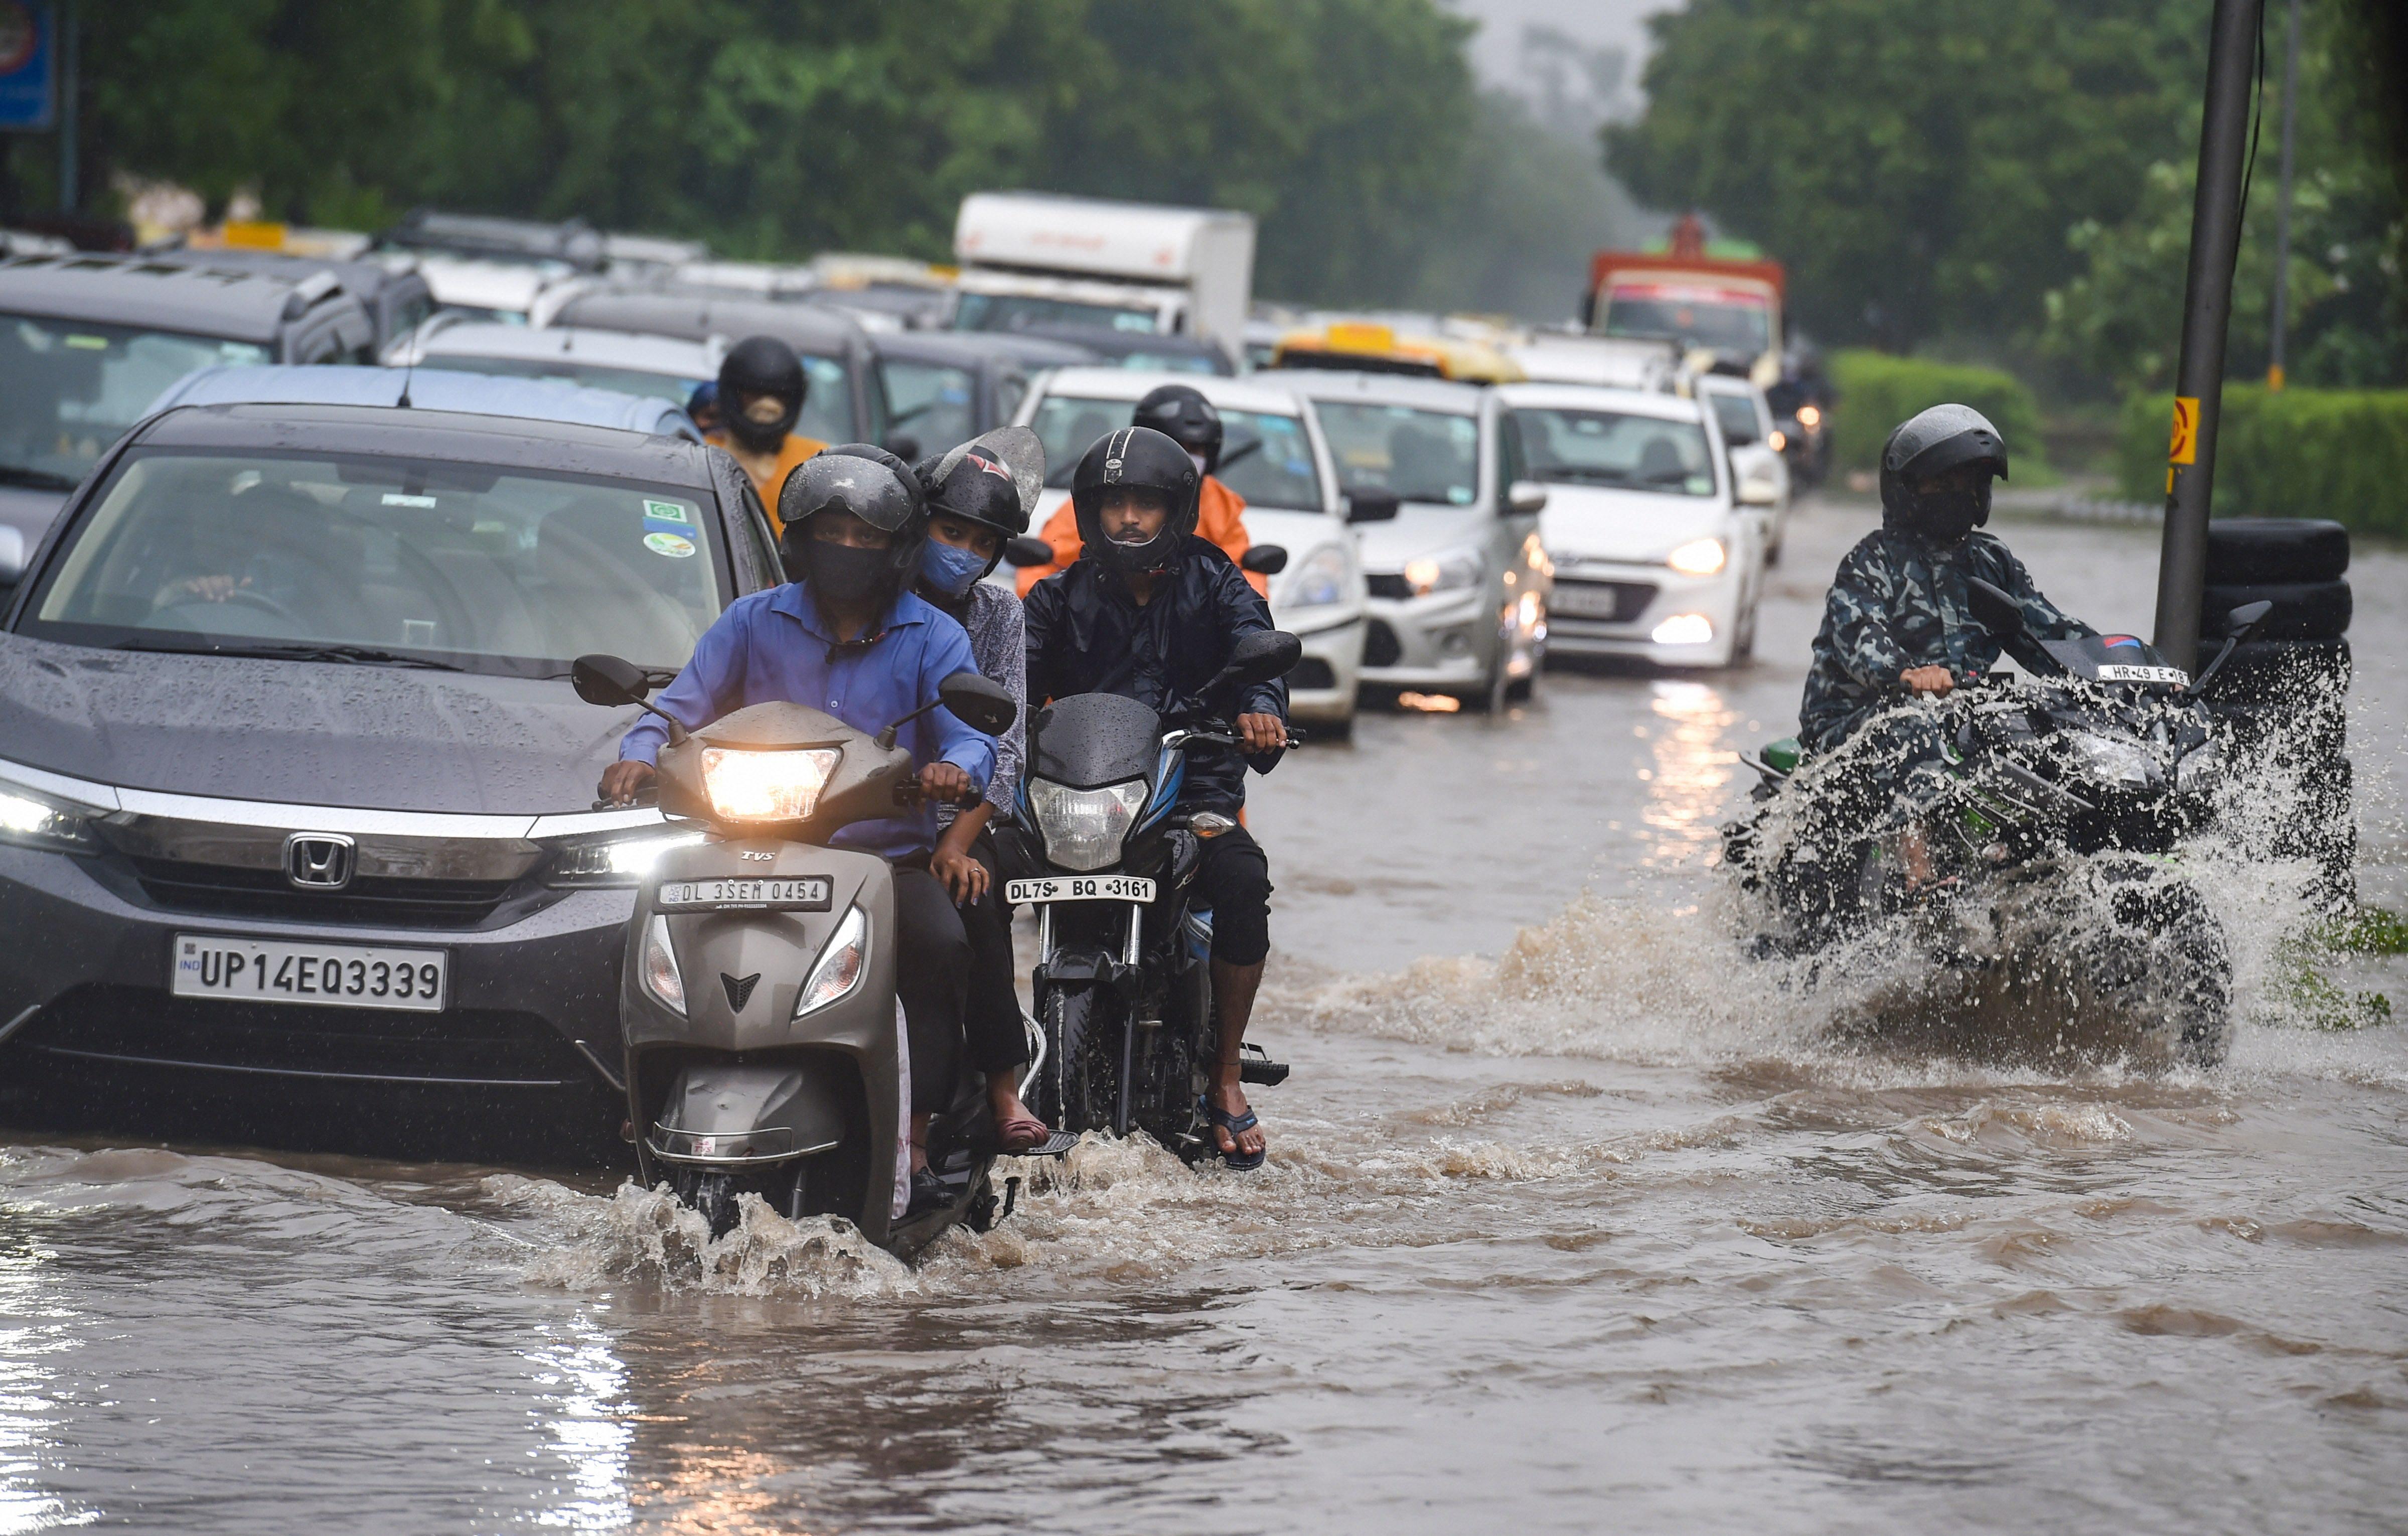 दिल्ली में भारी बारिश के बाद सड़कों पर पानी भर गया।